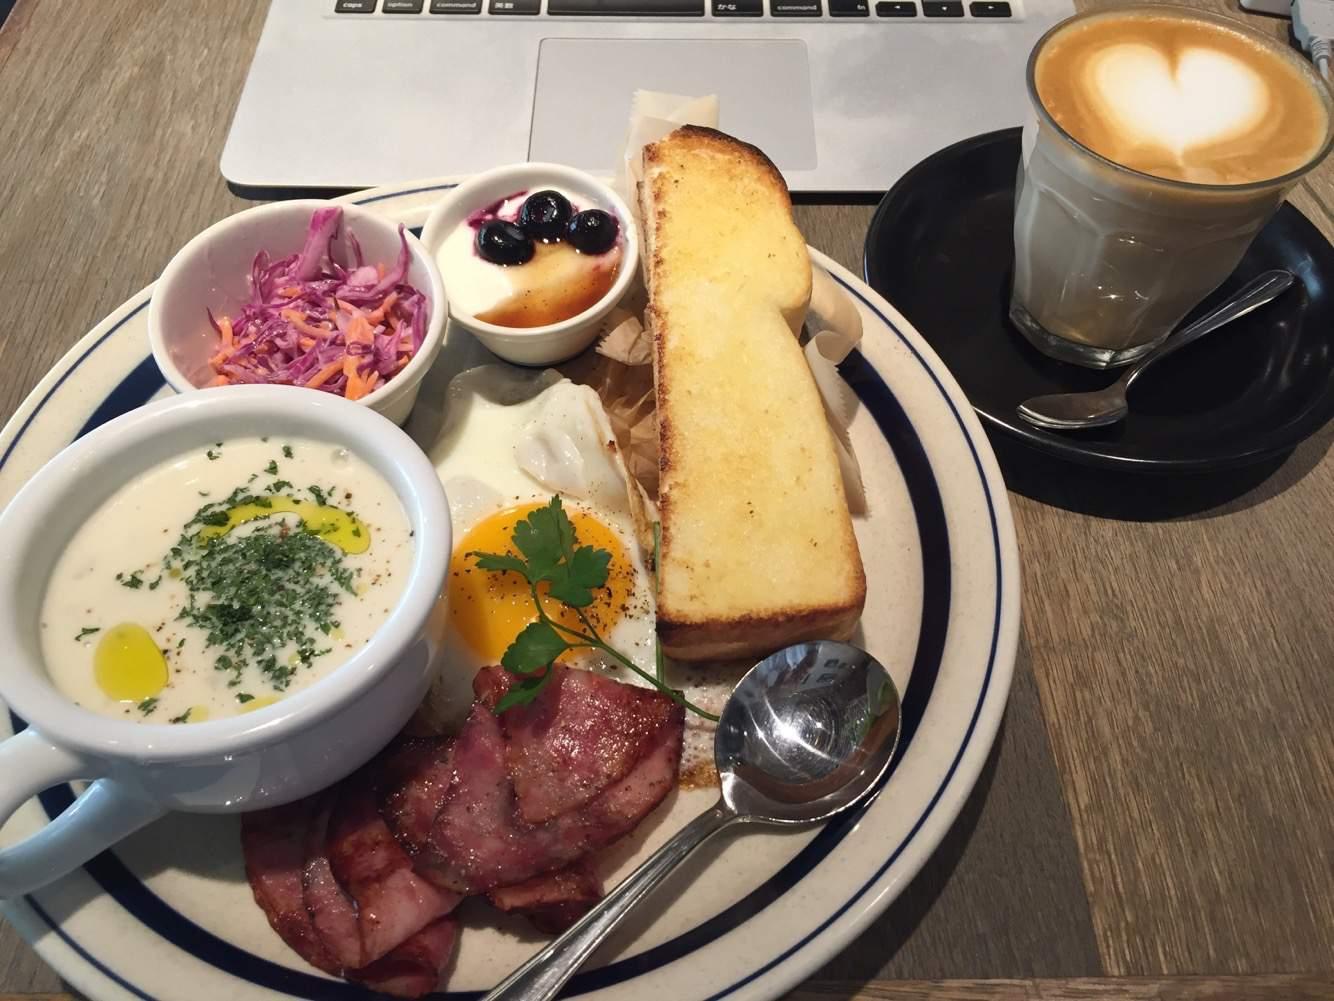 """町田でモーニングするなら """"THE CAFE""""がオススメ! – Wi-Fi+電源完備のおしゃれカフェ♪【町田カフェ】"""